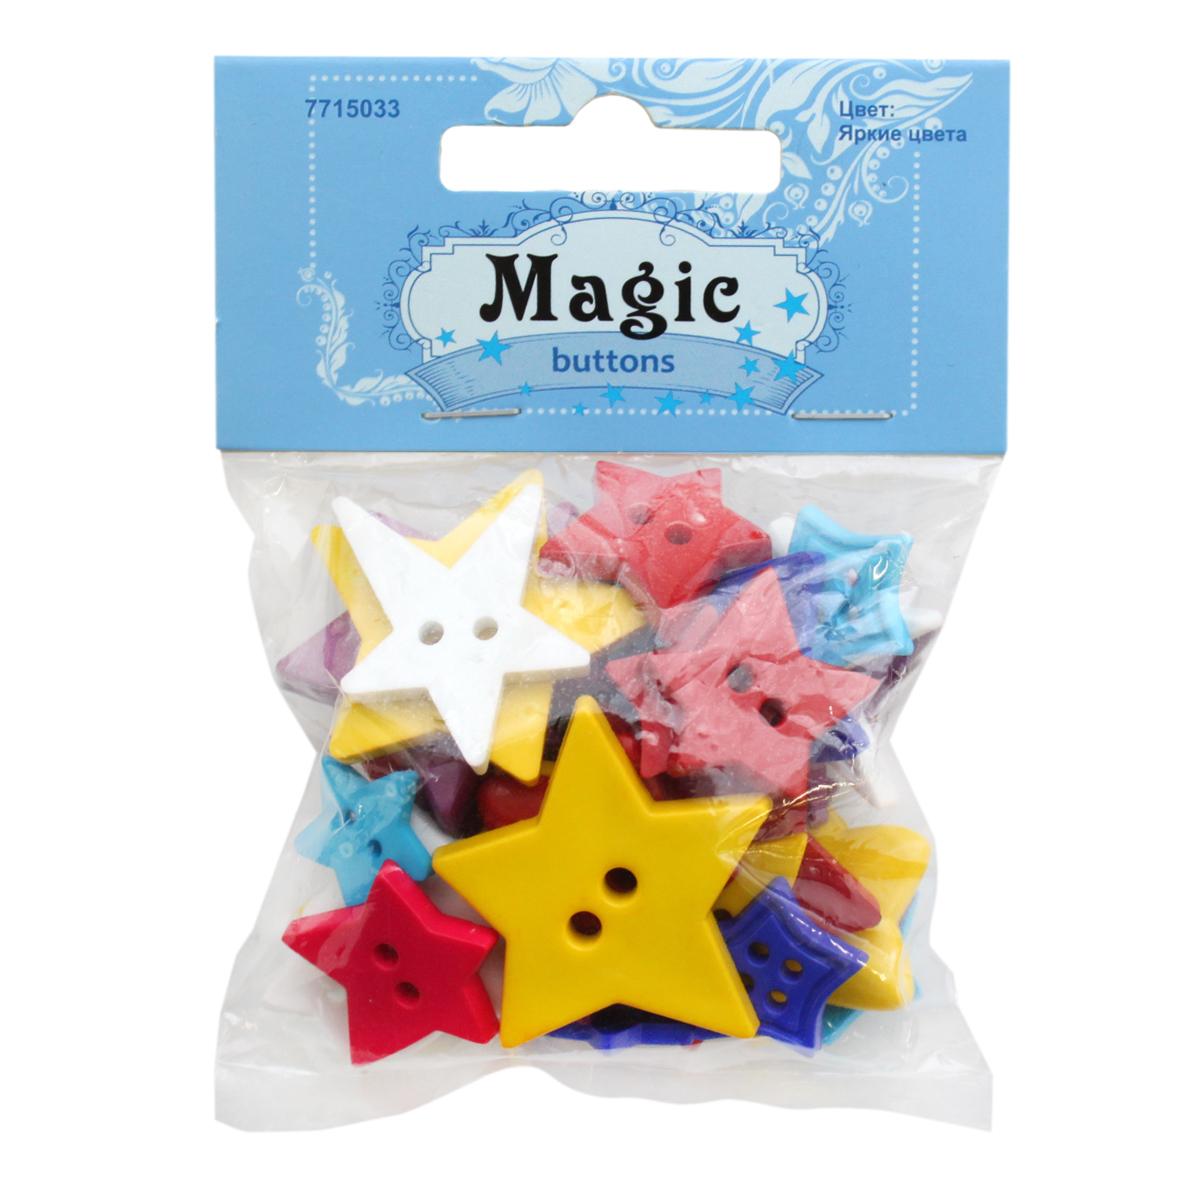 Пуговицы декоративные Magic Buttons Звезды. Яркие цвета, 30 г7715033_Яркие цветаЯркие и красочные пуговицы Magic Buttons станут прекрасным дополнением к любому образу. Пуговицы выполнены в разных цветовых вариантах и формах.